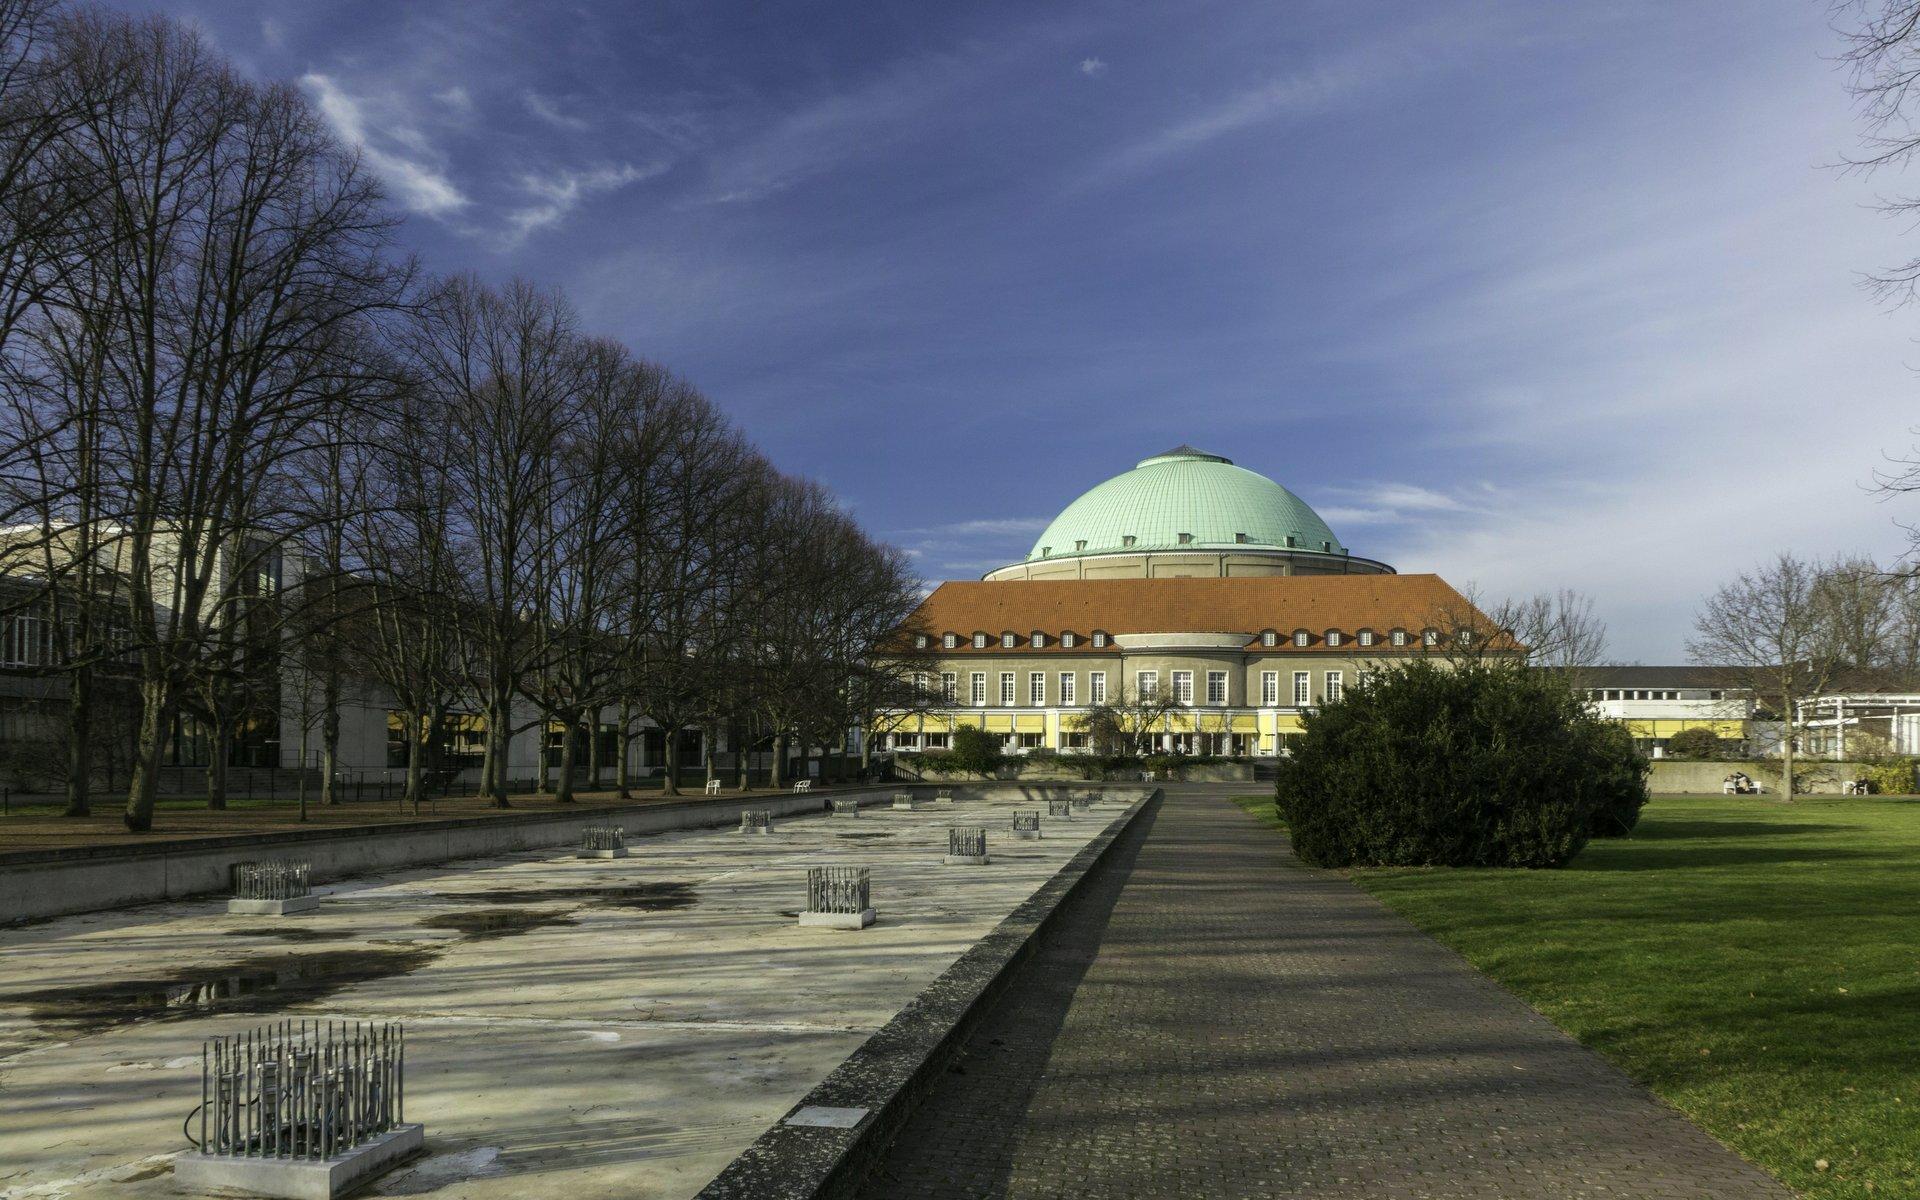 Kuppelsaal im Stadtpark